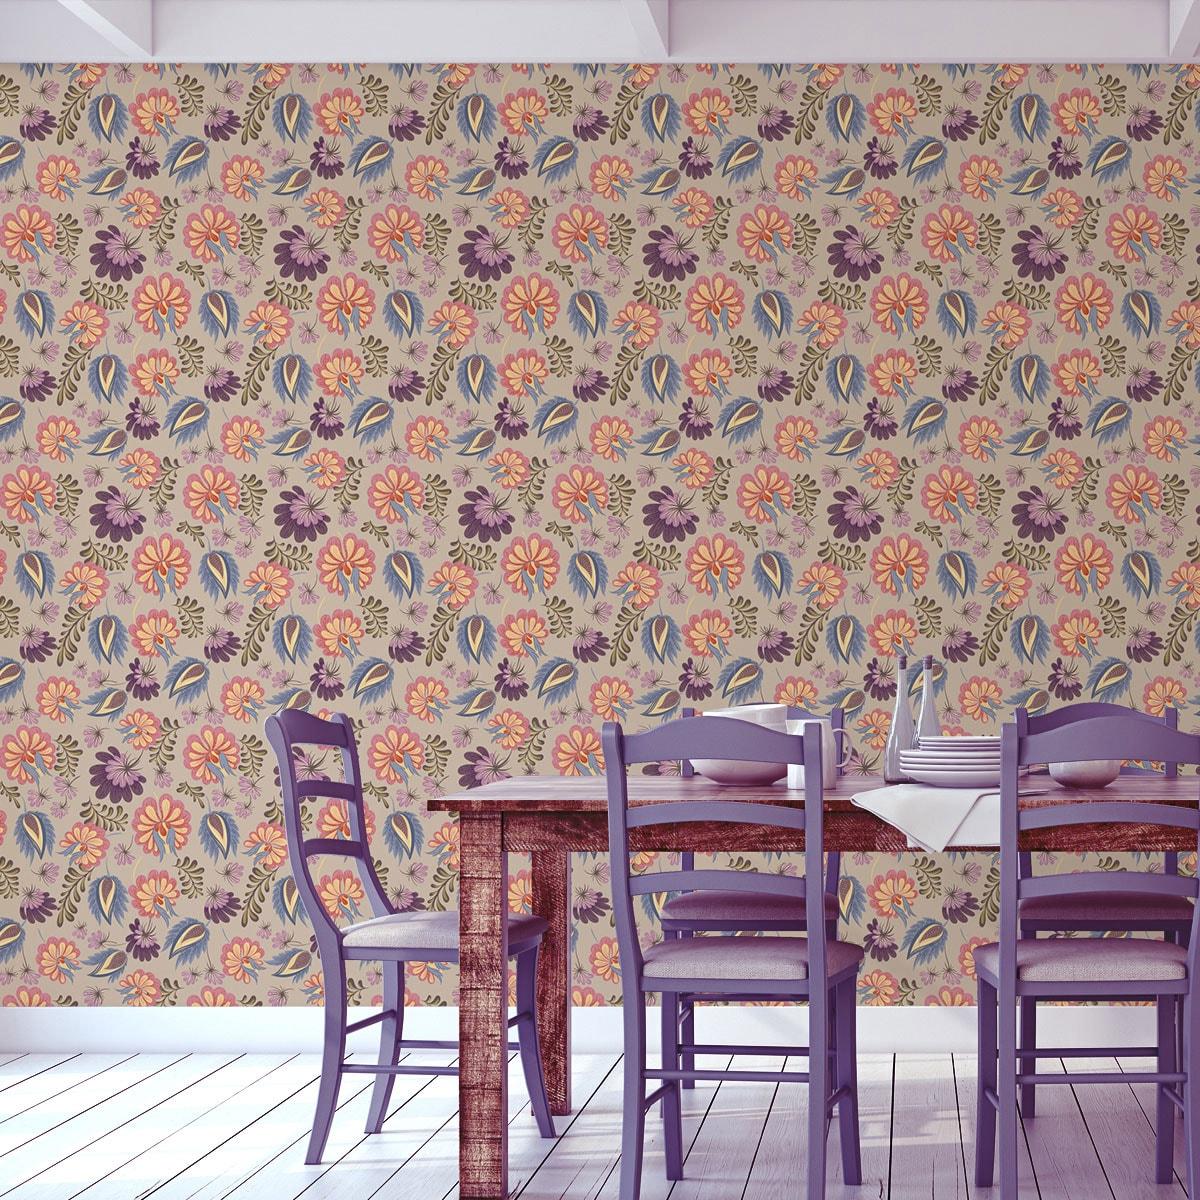 Wandtapete creme: Florale Tapete mit großen Blüten auf beige angepasst an Schöner Wohnen Wandfarbe Melone - Vliestapete Blumen